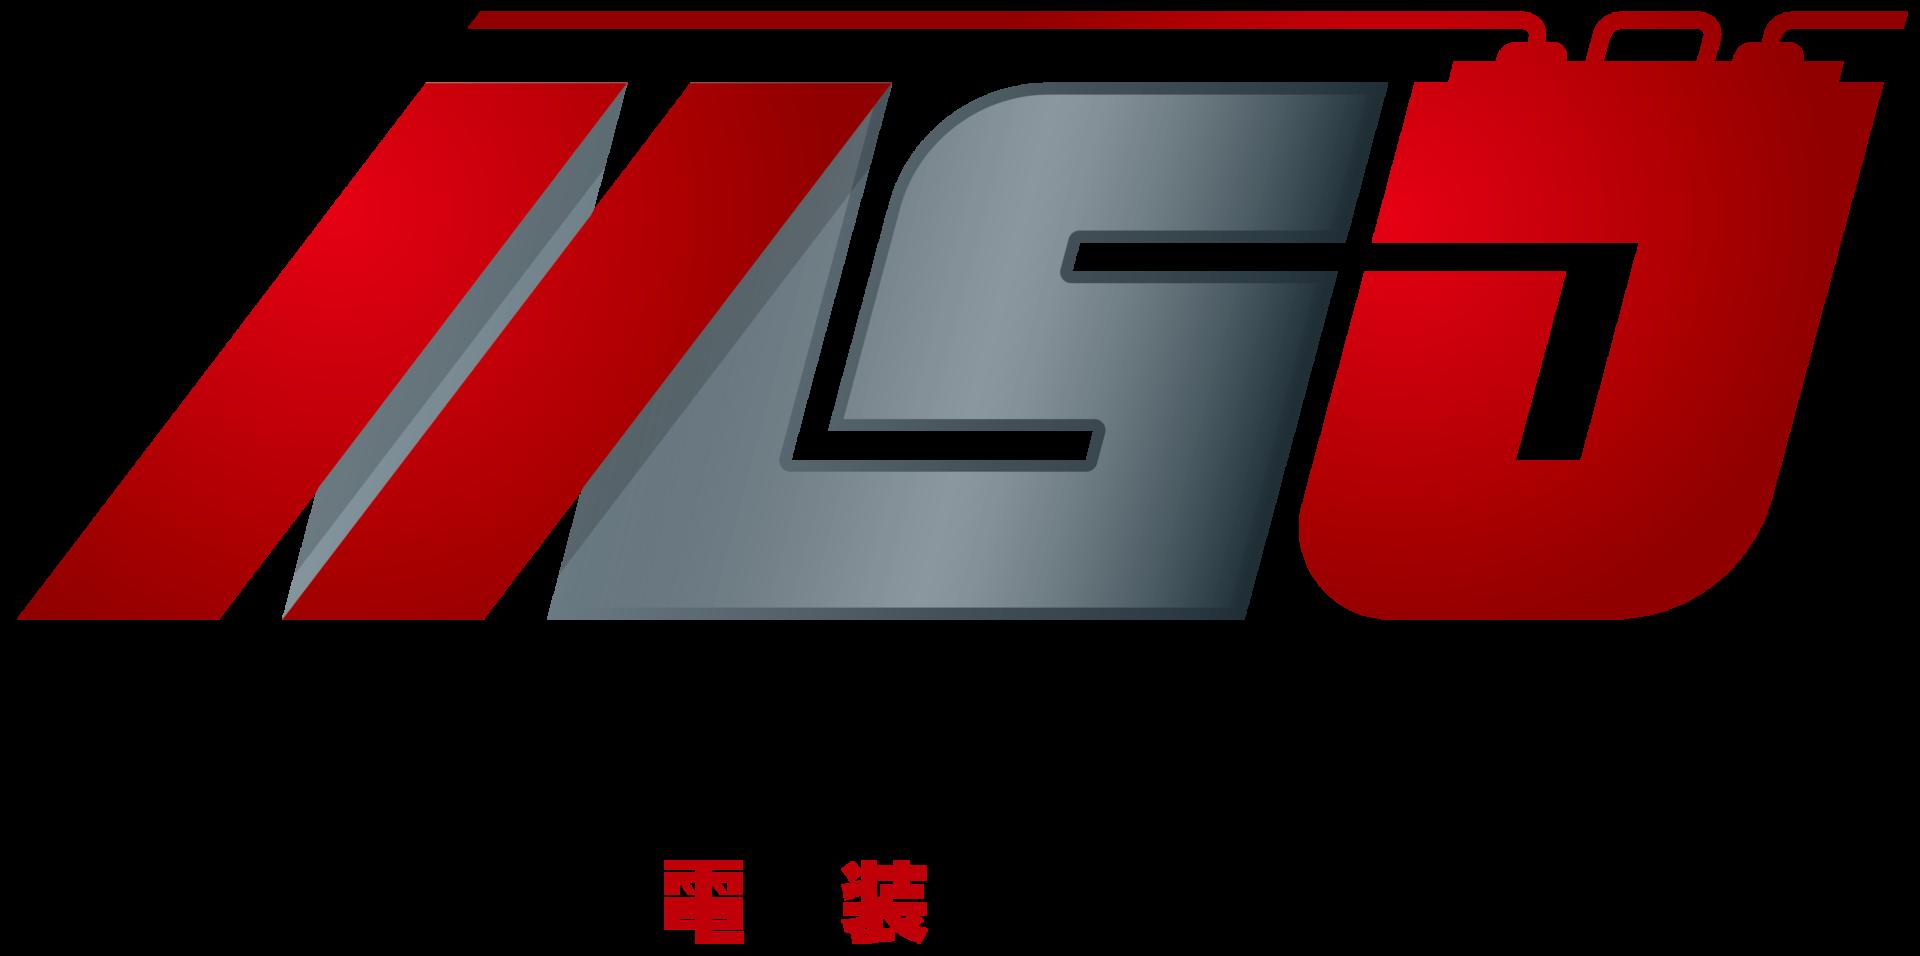 自動車関連(販売/修理・整備)とイニシャルと銀のロゴ